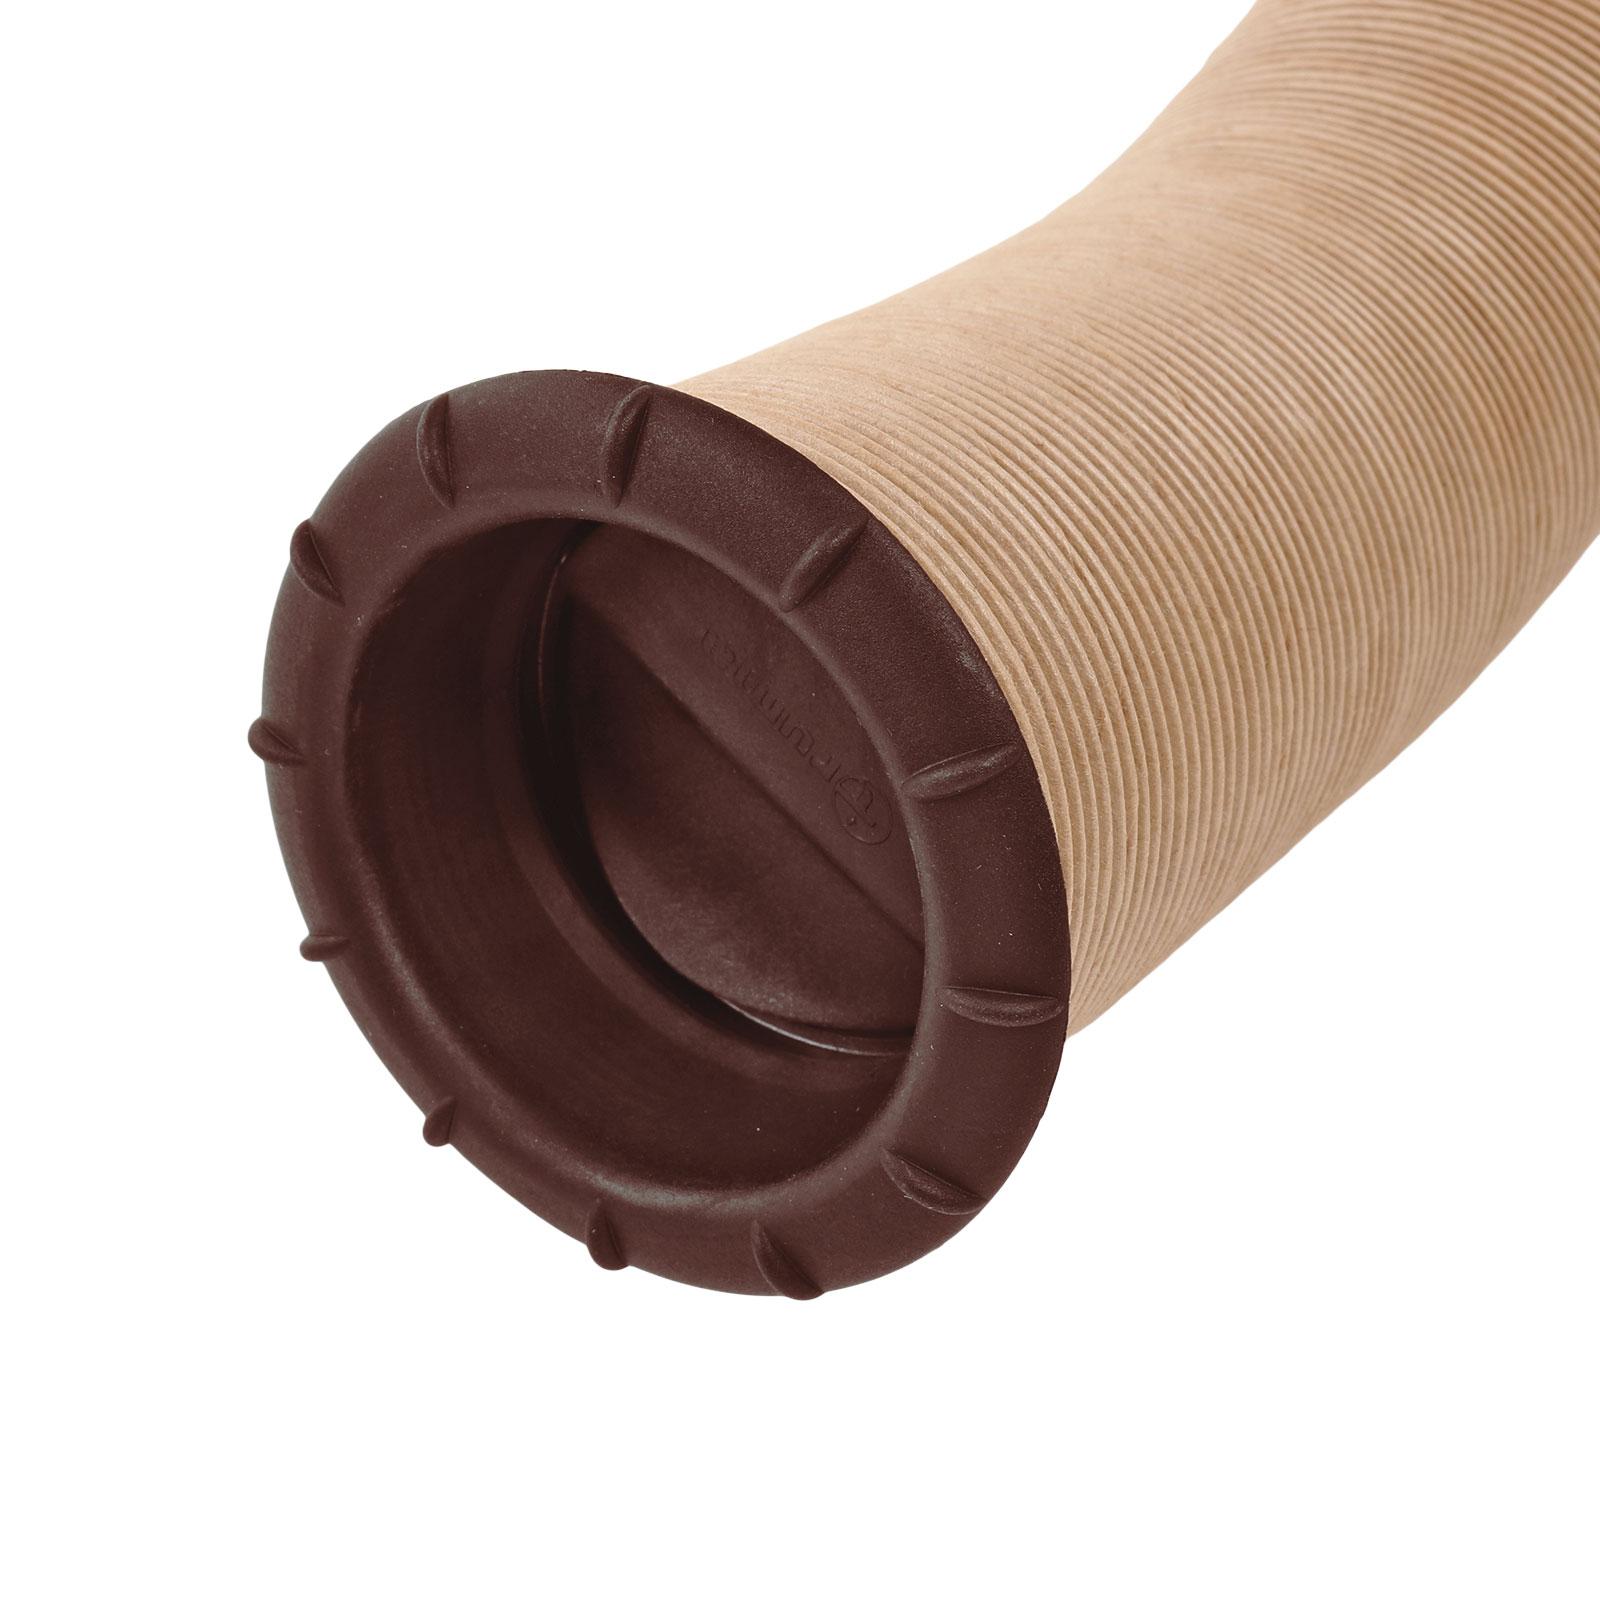 Endstück Warmluftaustritt Braun Truma für 65mm Warmluftrohre verschließbar